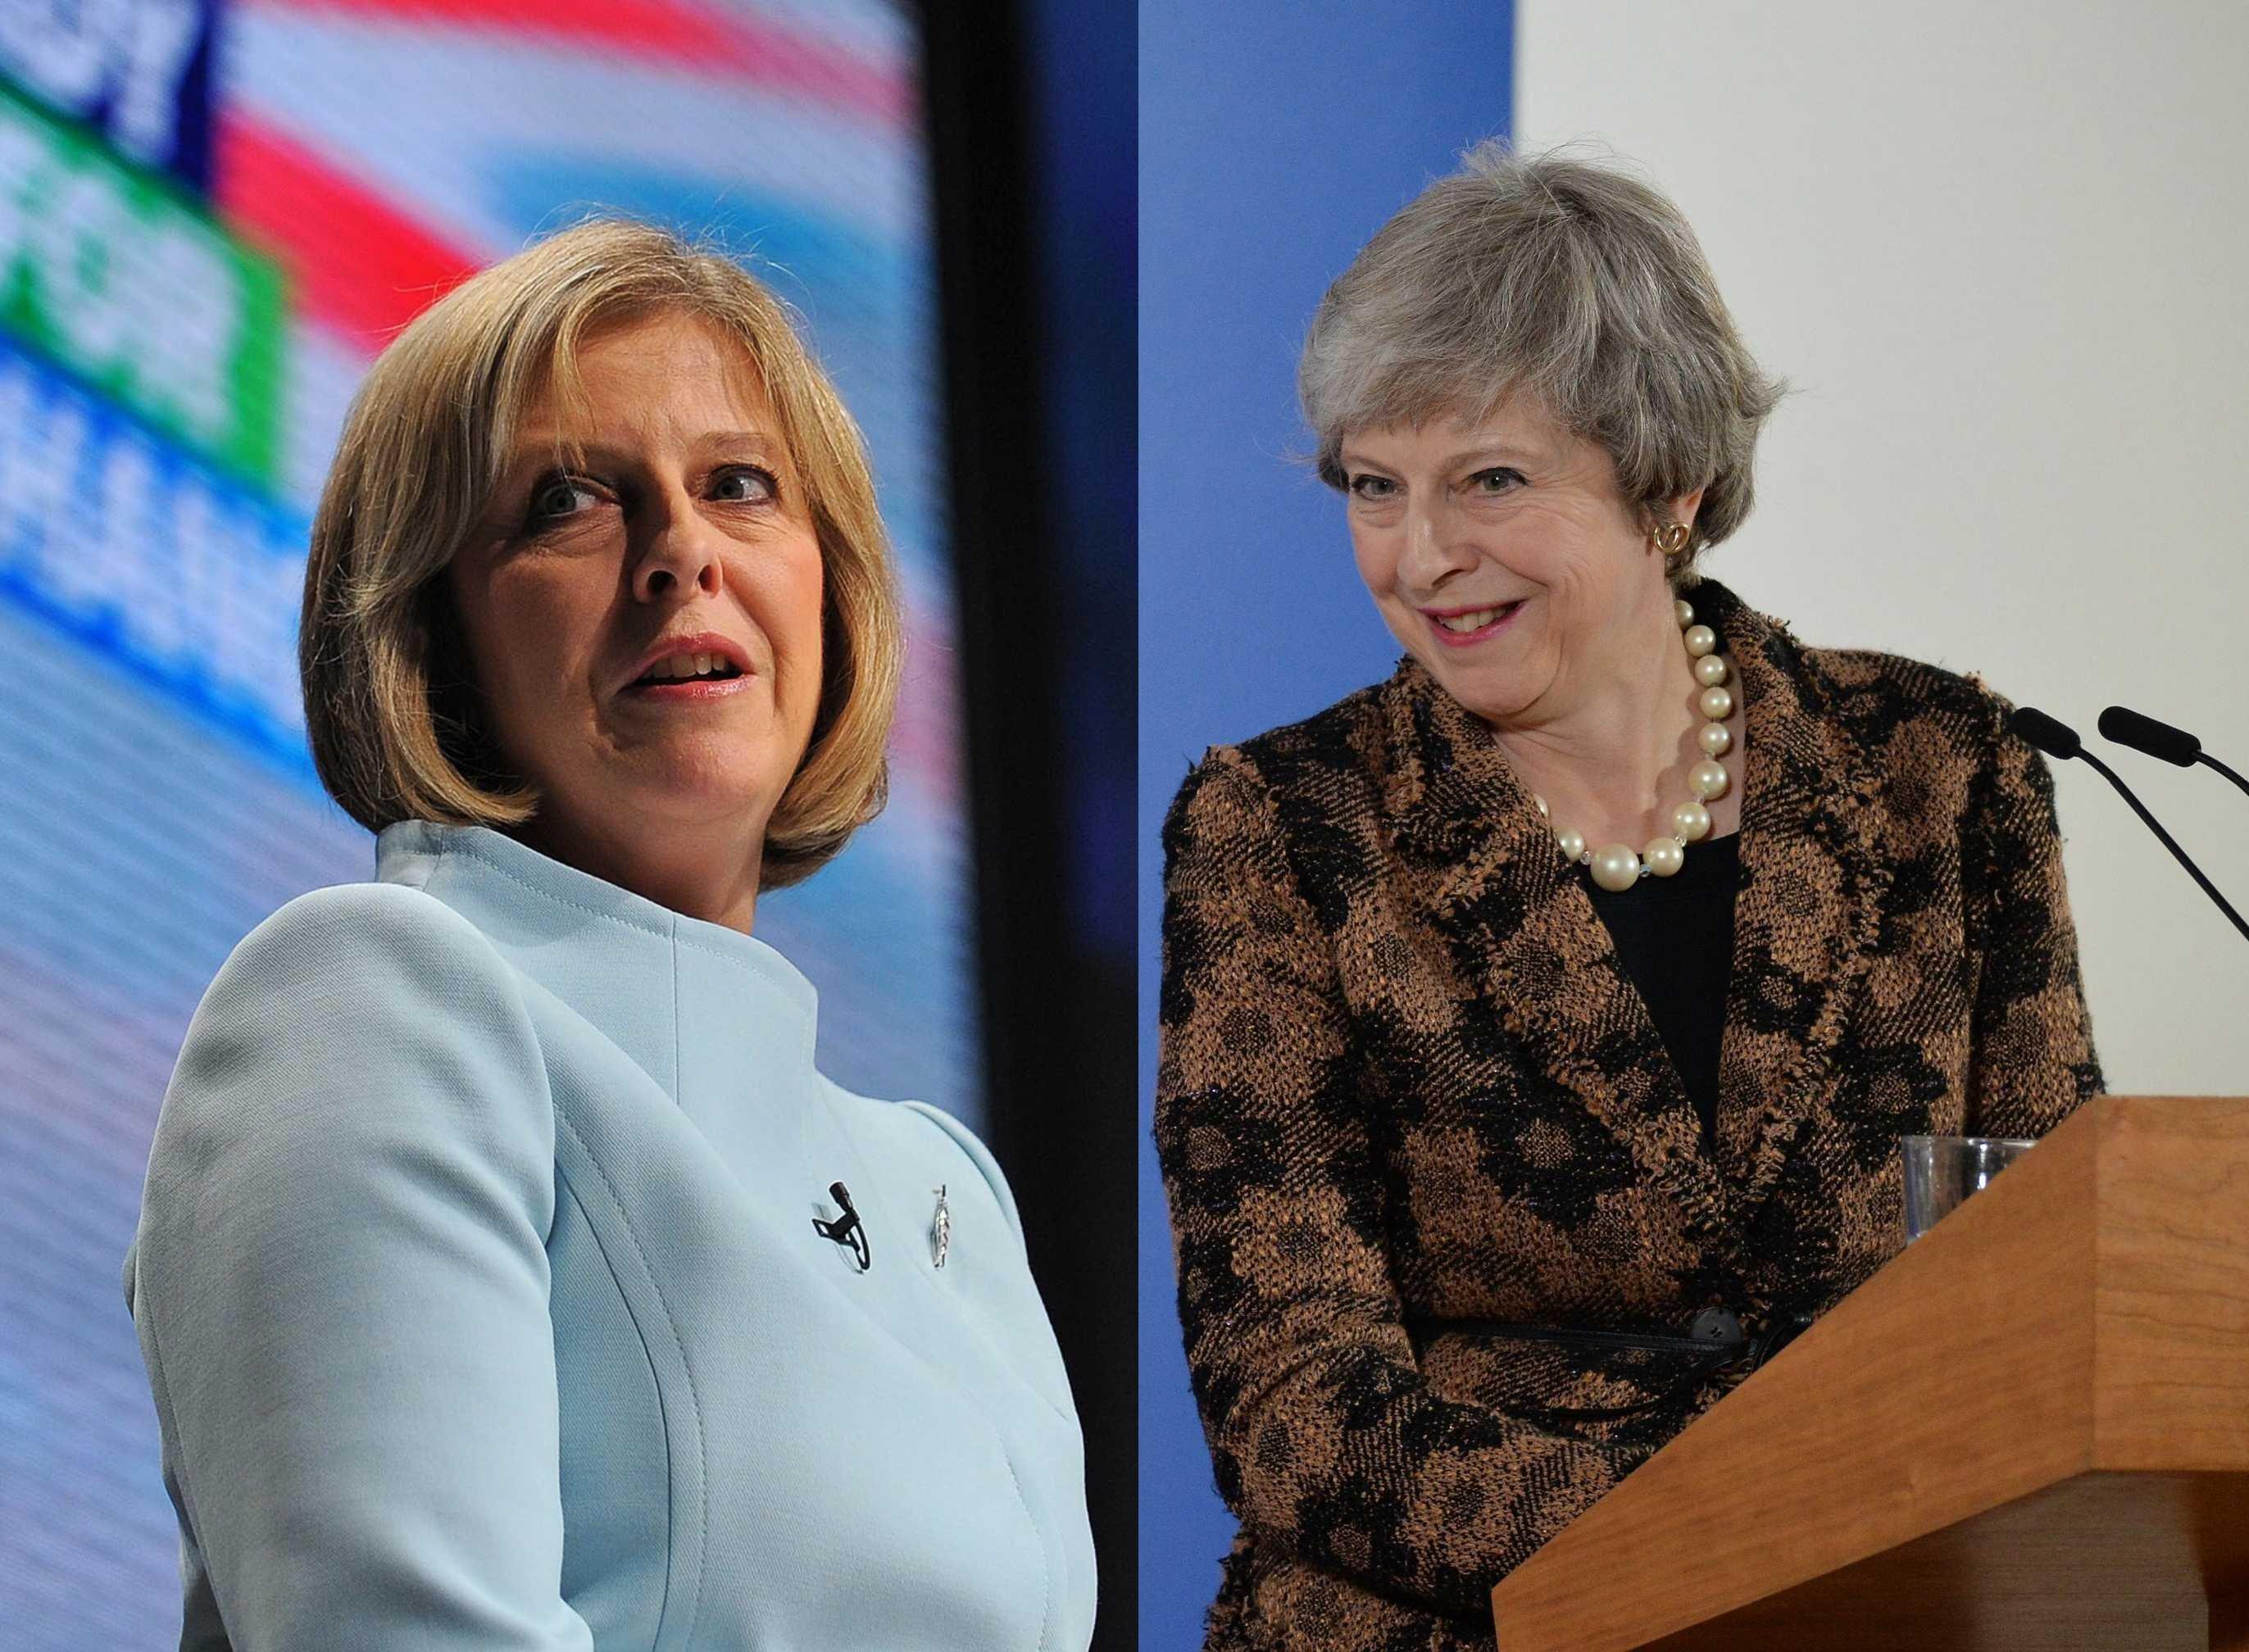 La actual primera ministra del Reino Unido, Theresa May, en el 2009 / en el 2018